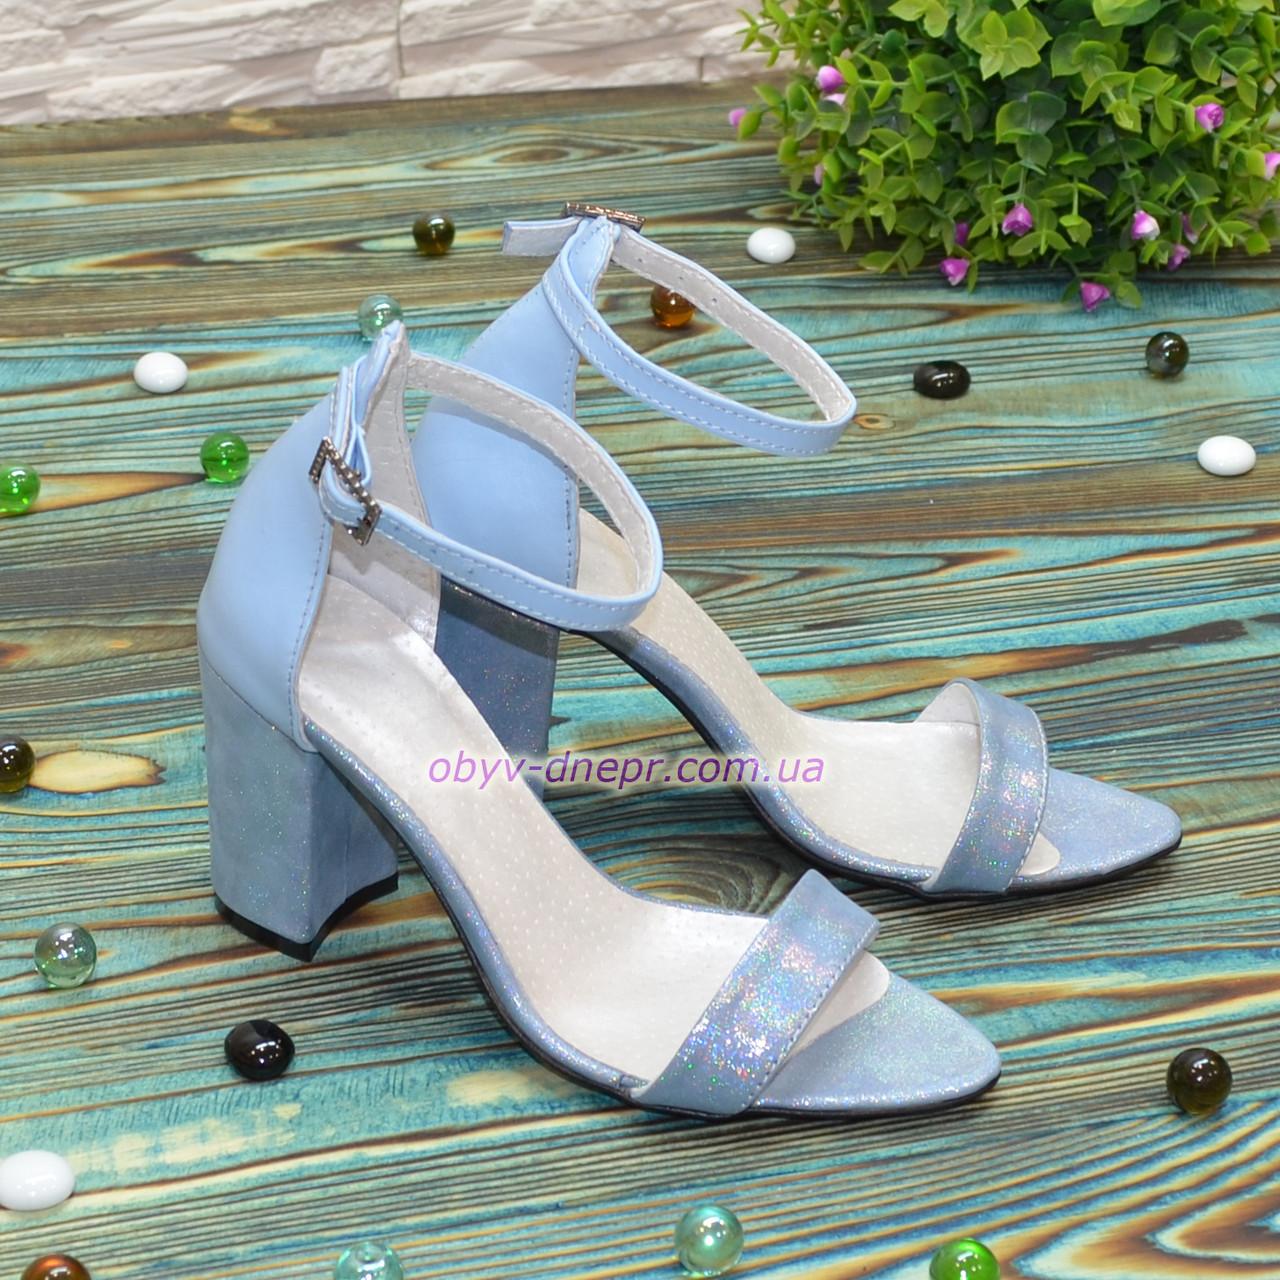 Босоножки женские кожаные на устойчивом каблуке, цвет голубой